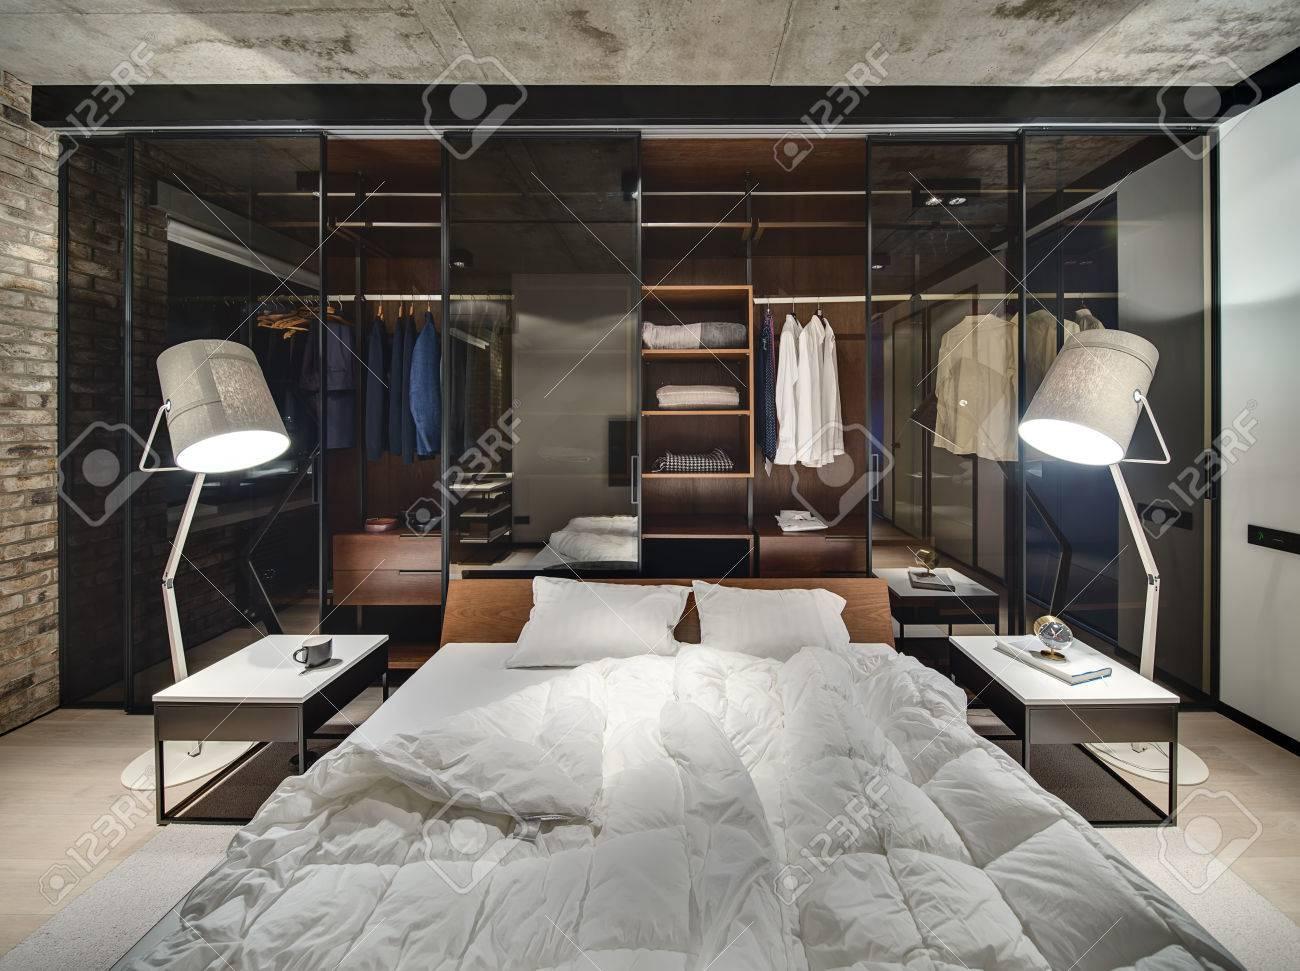 Loft-Stil Innenraum Mit Ziegelmauer Und Betondecke. Es Gibt Ein Bett ...